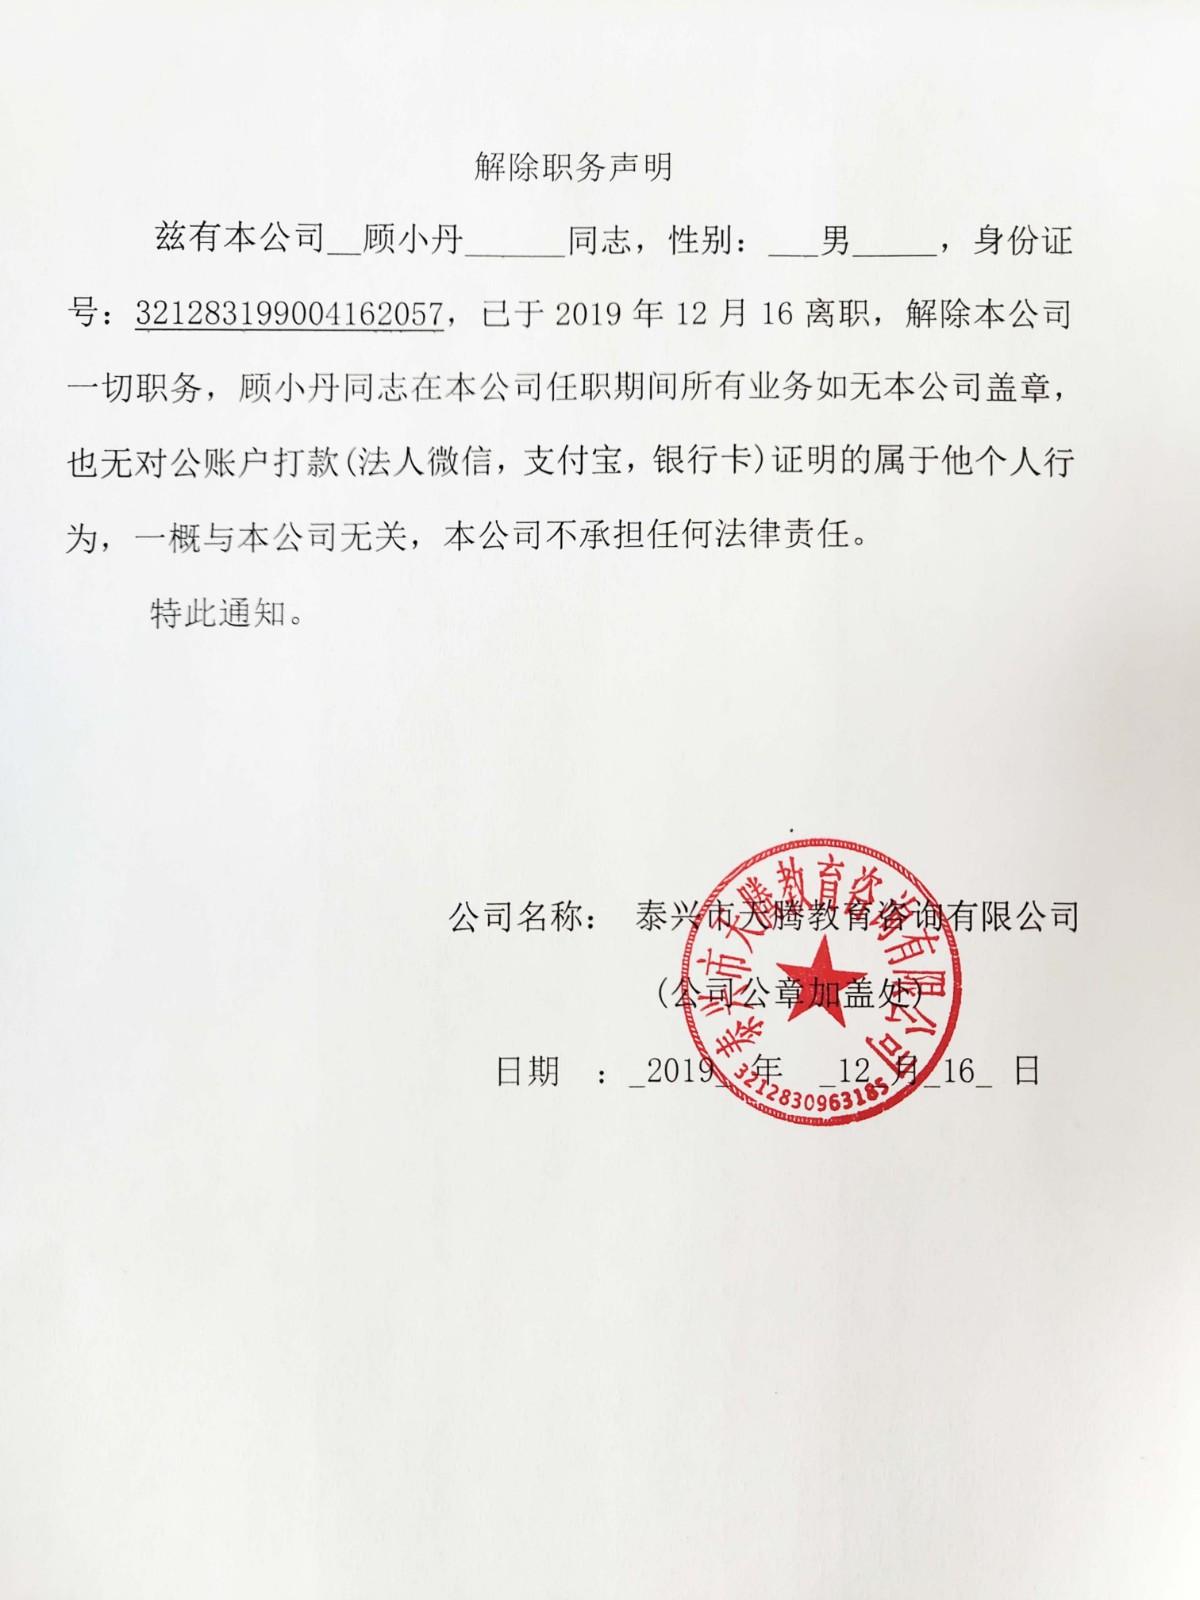 关于解除顾小丹职务声明